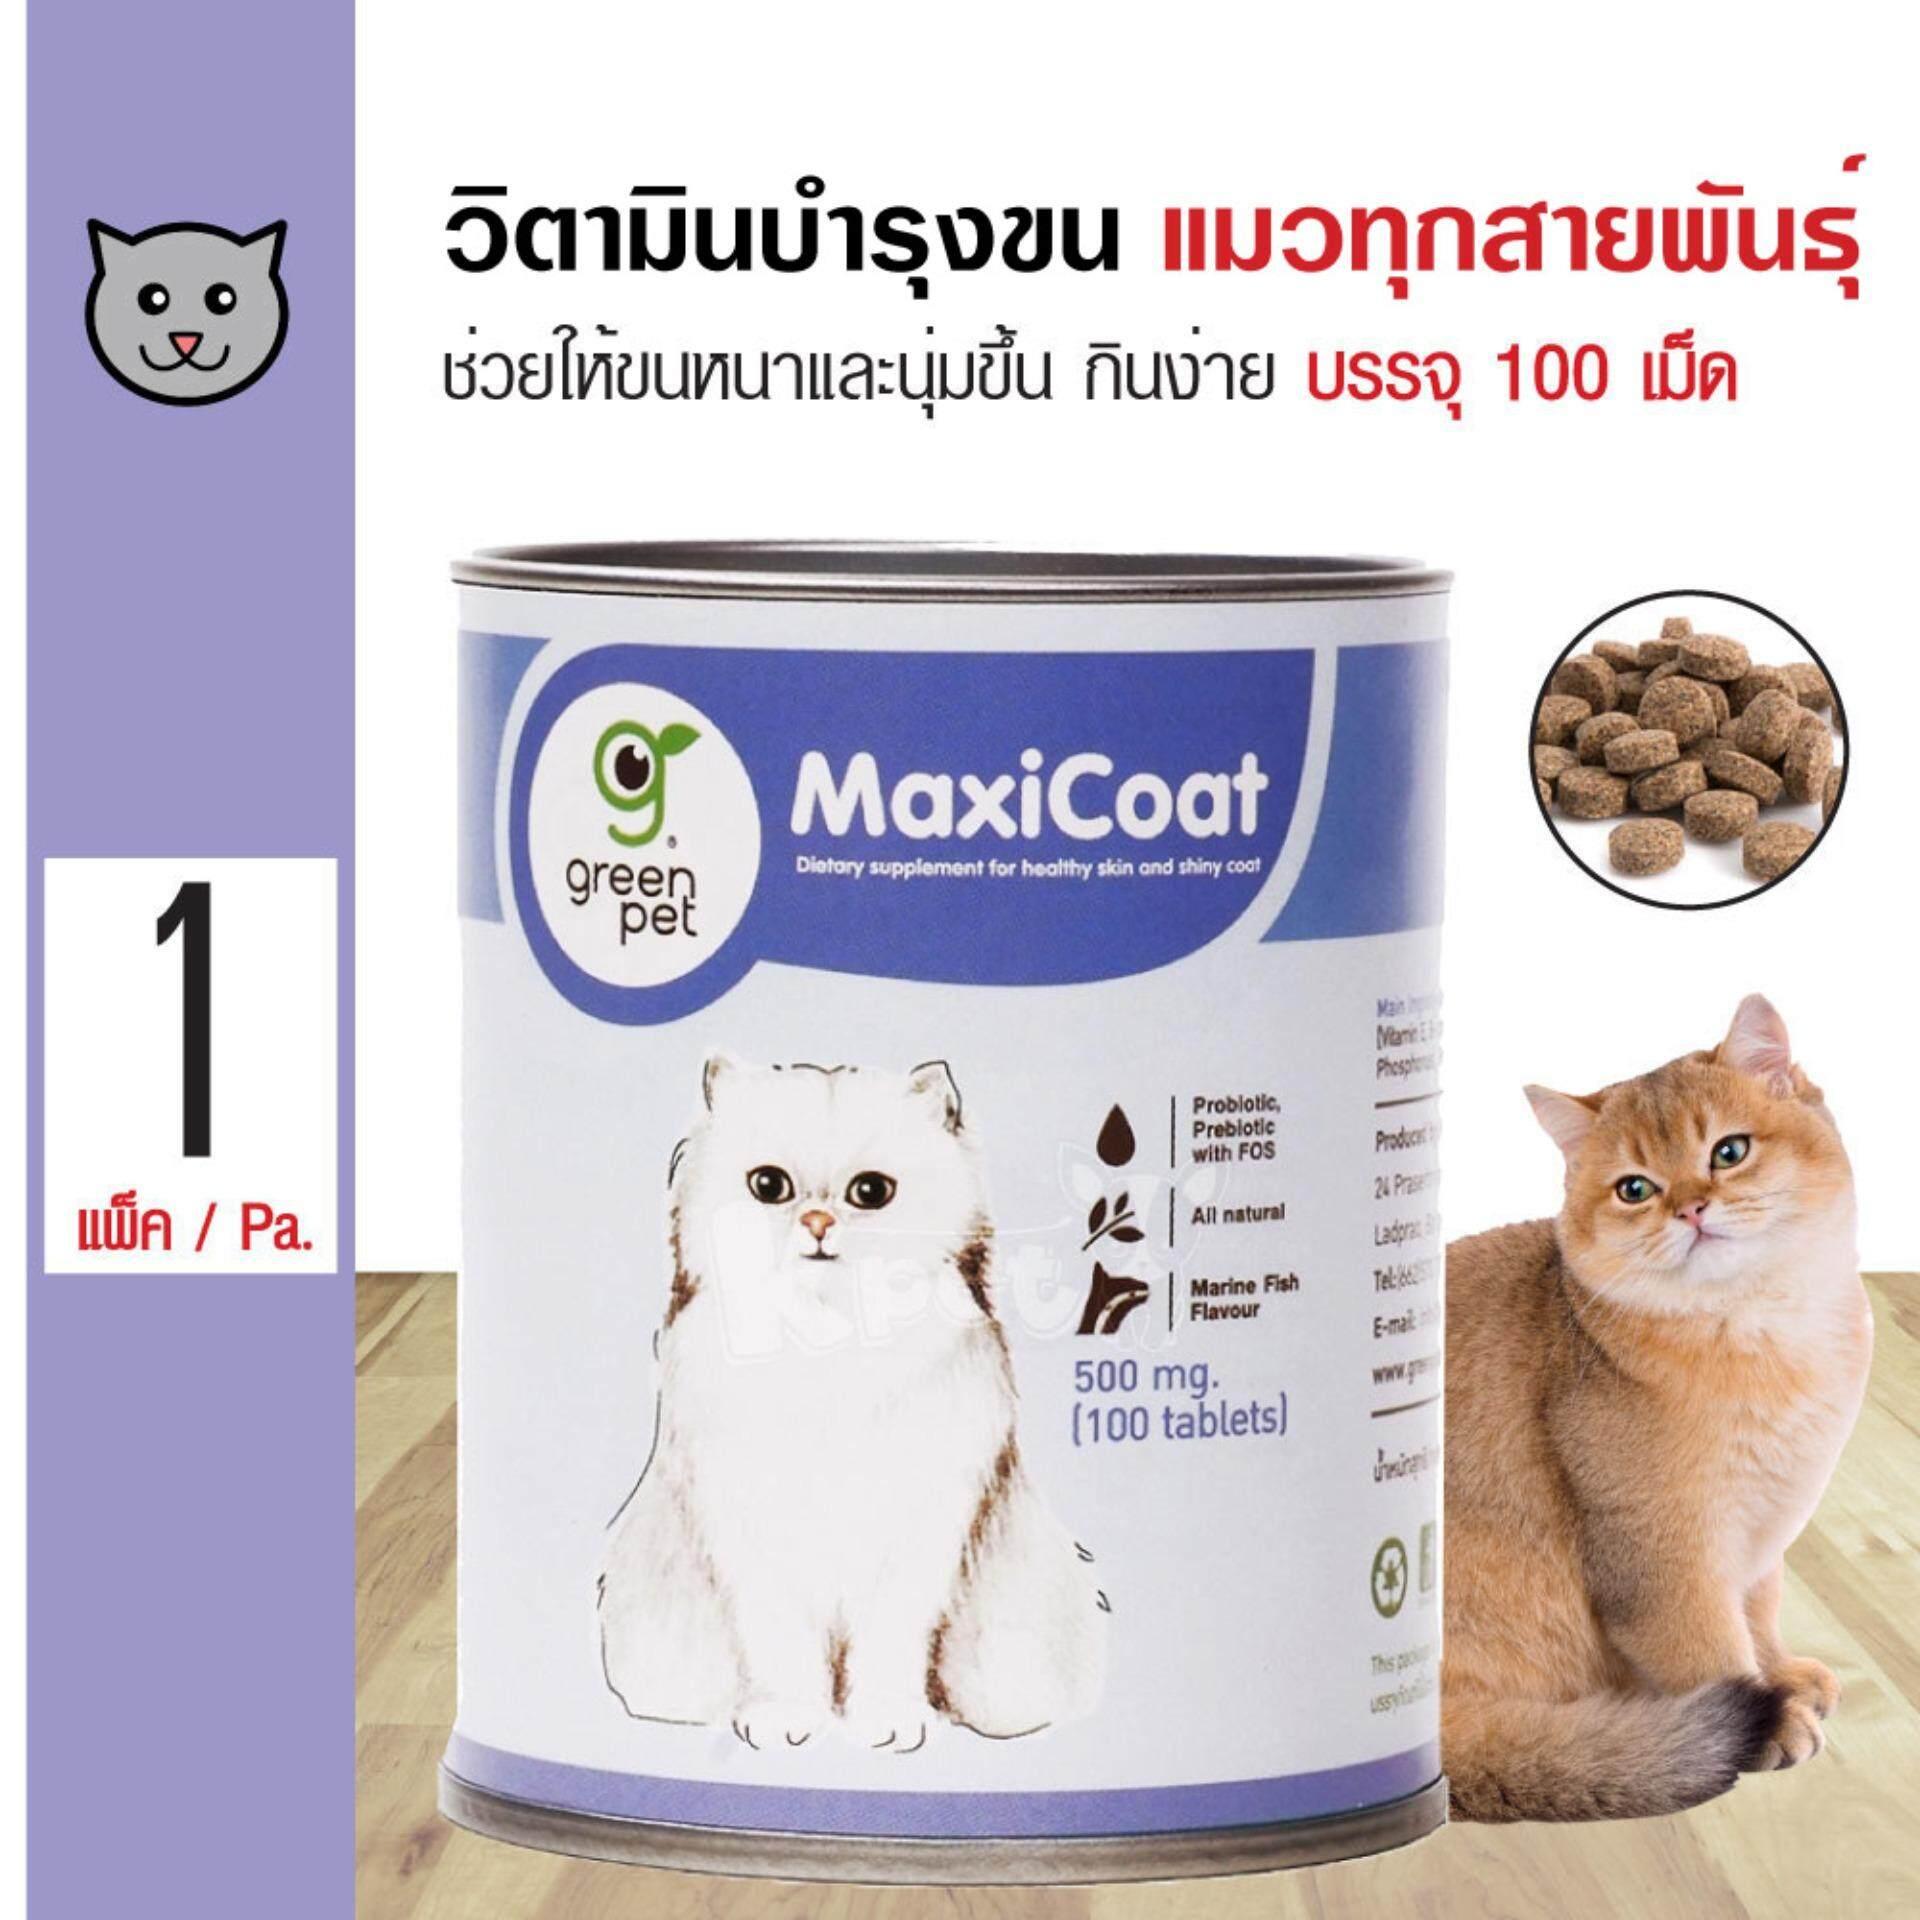 Maxicoat Cat อาหารเสริม วิตามินบำรุงขนและผิวหนัง ลดอาการขนร่วง สำหรับแมวทุกสายพันธุ์ (จำนวน 100 เม็ด/ กระปุก) By Kpet.